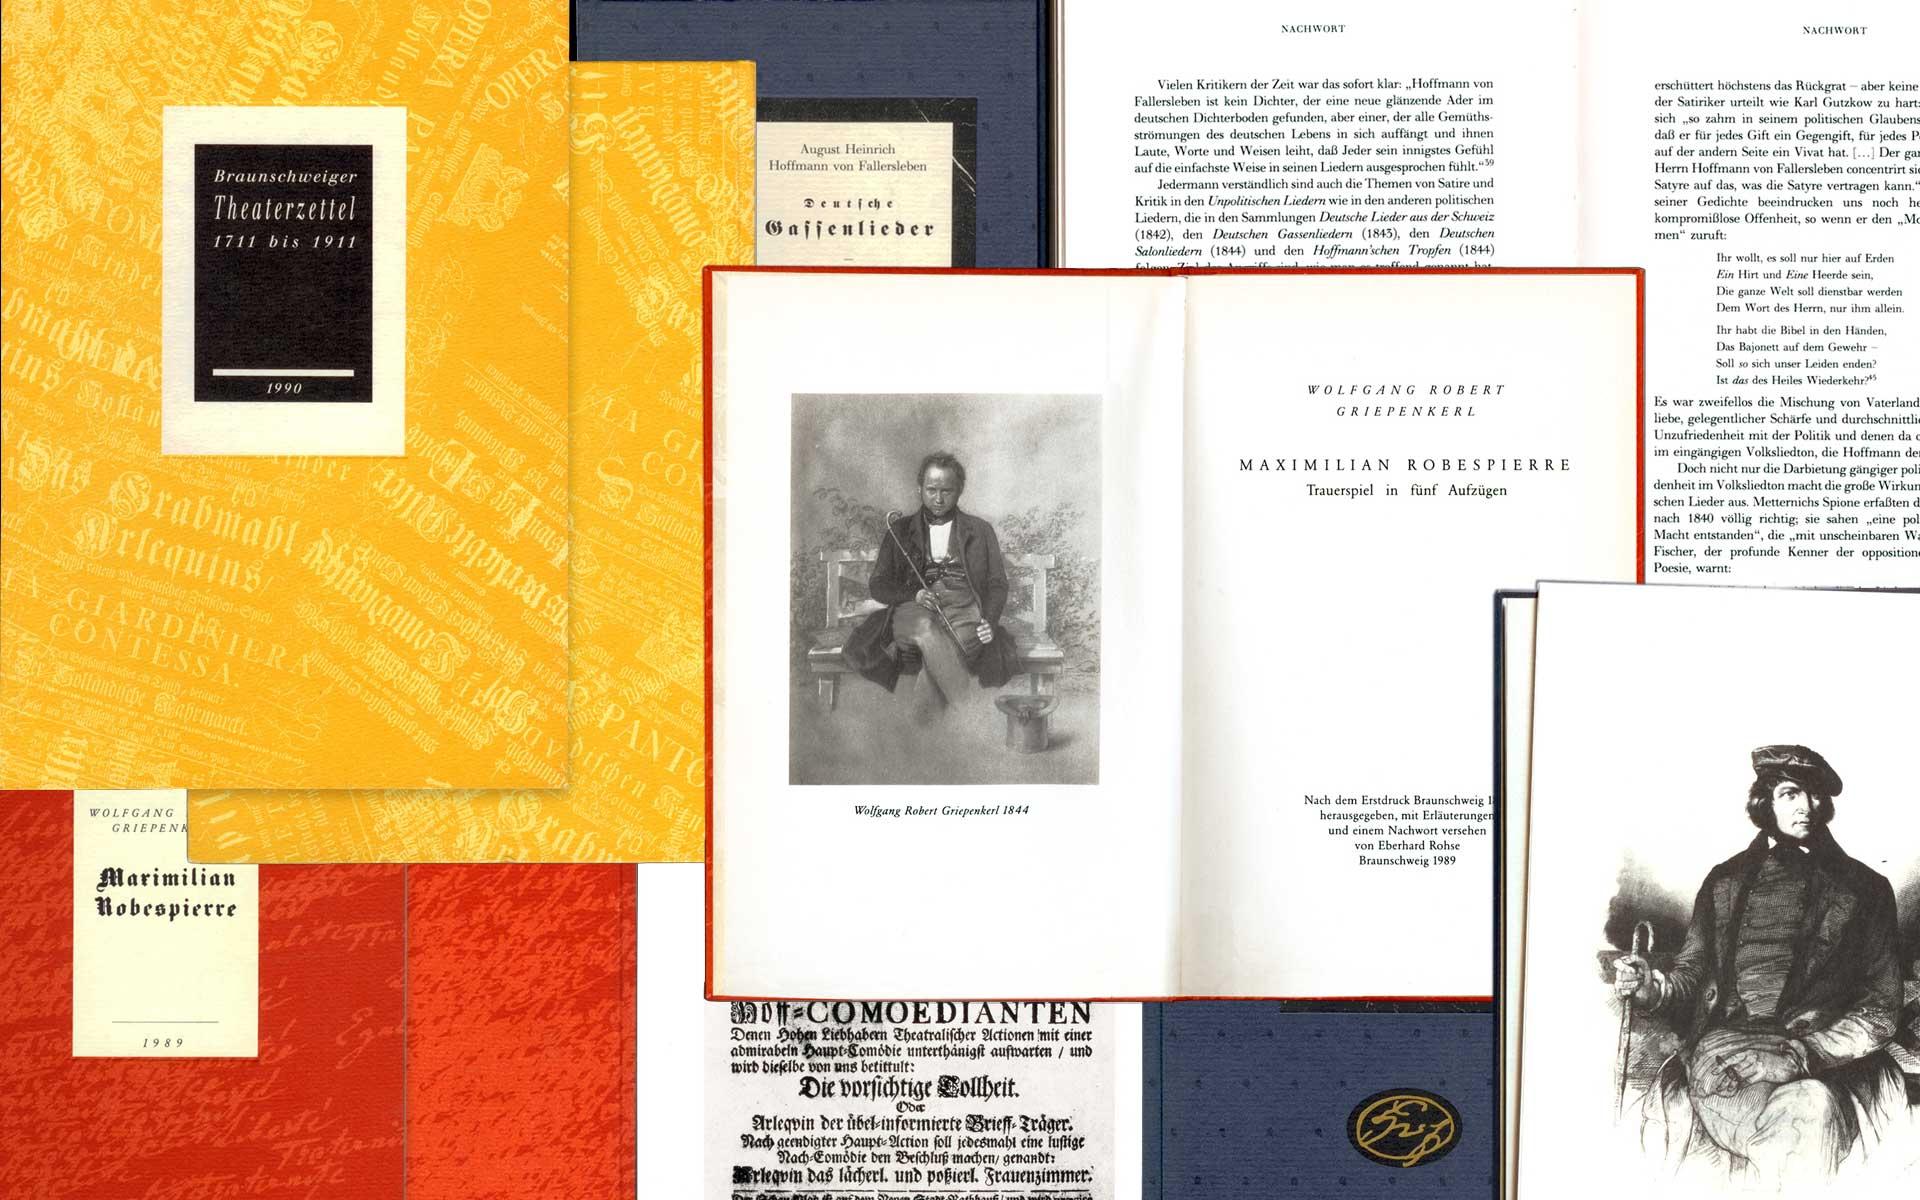 LiterarischeVereinigung BraunschweigBraunschweig e. V.